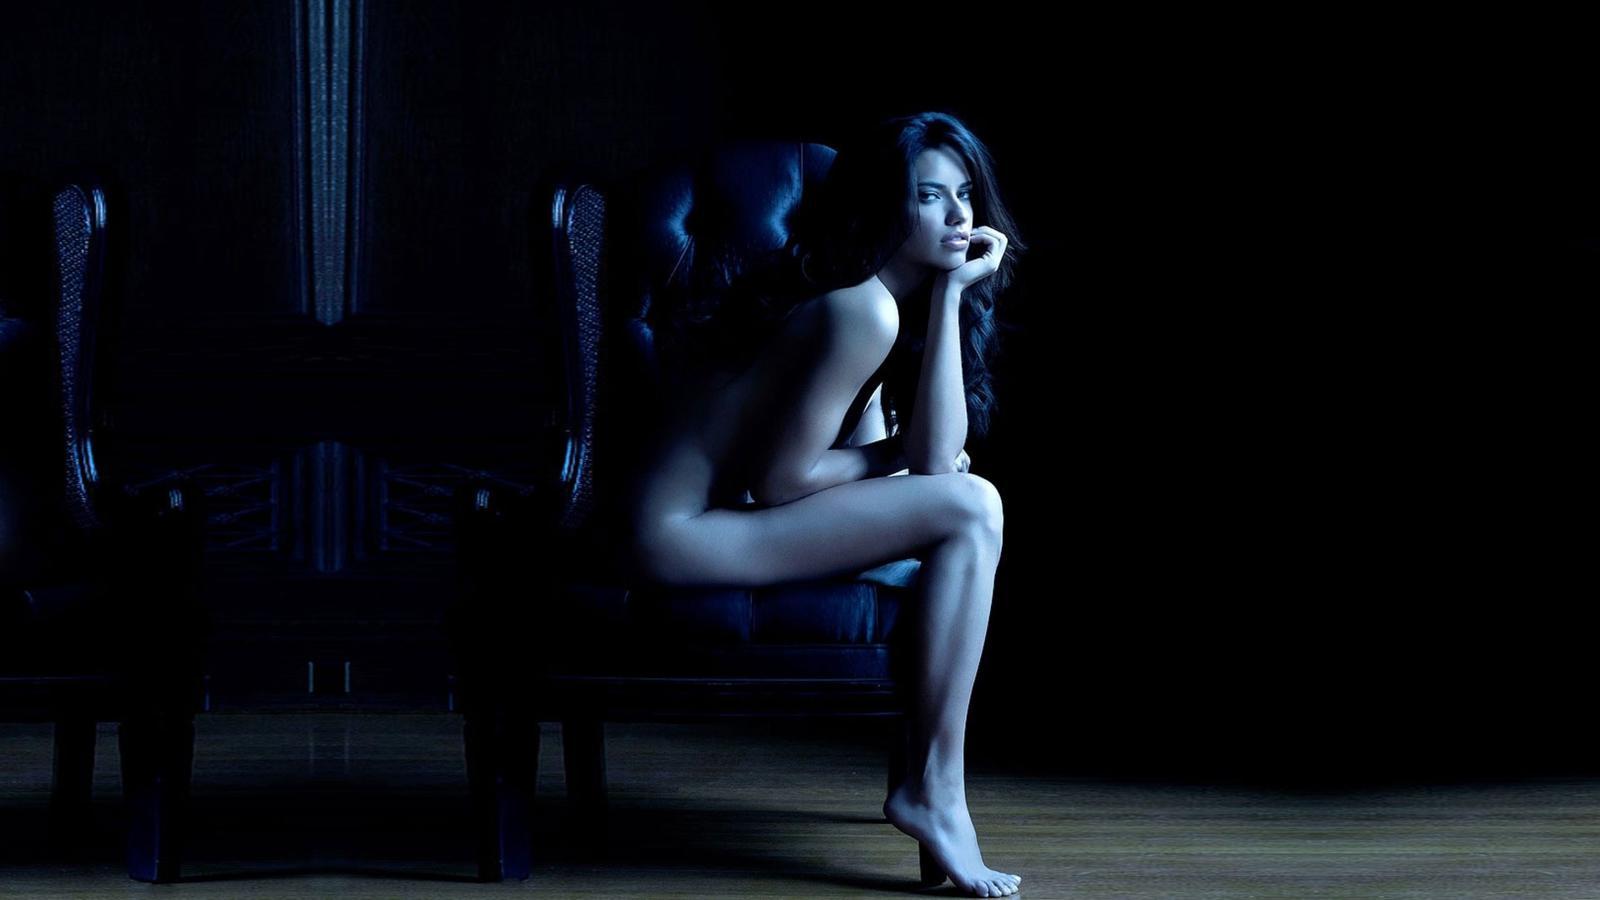 Adriana Lima Foto Babe 50